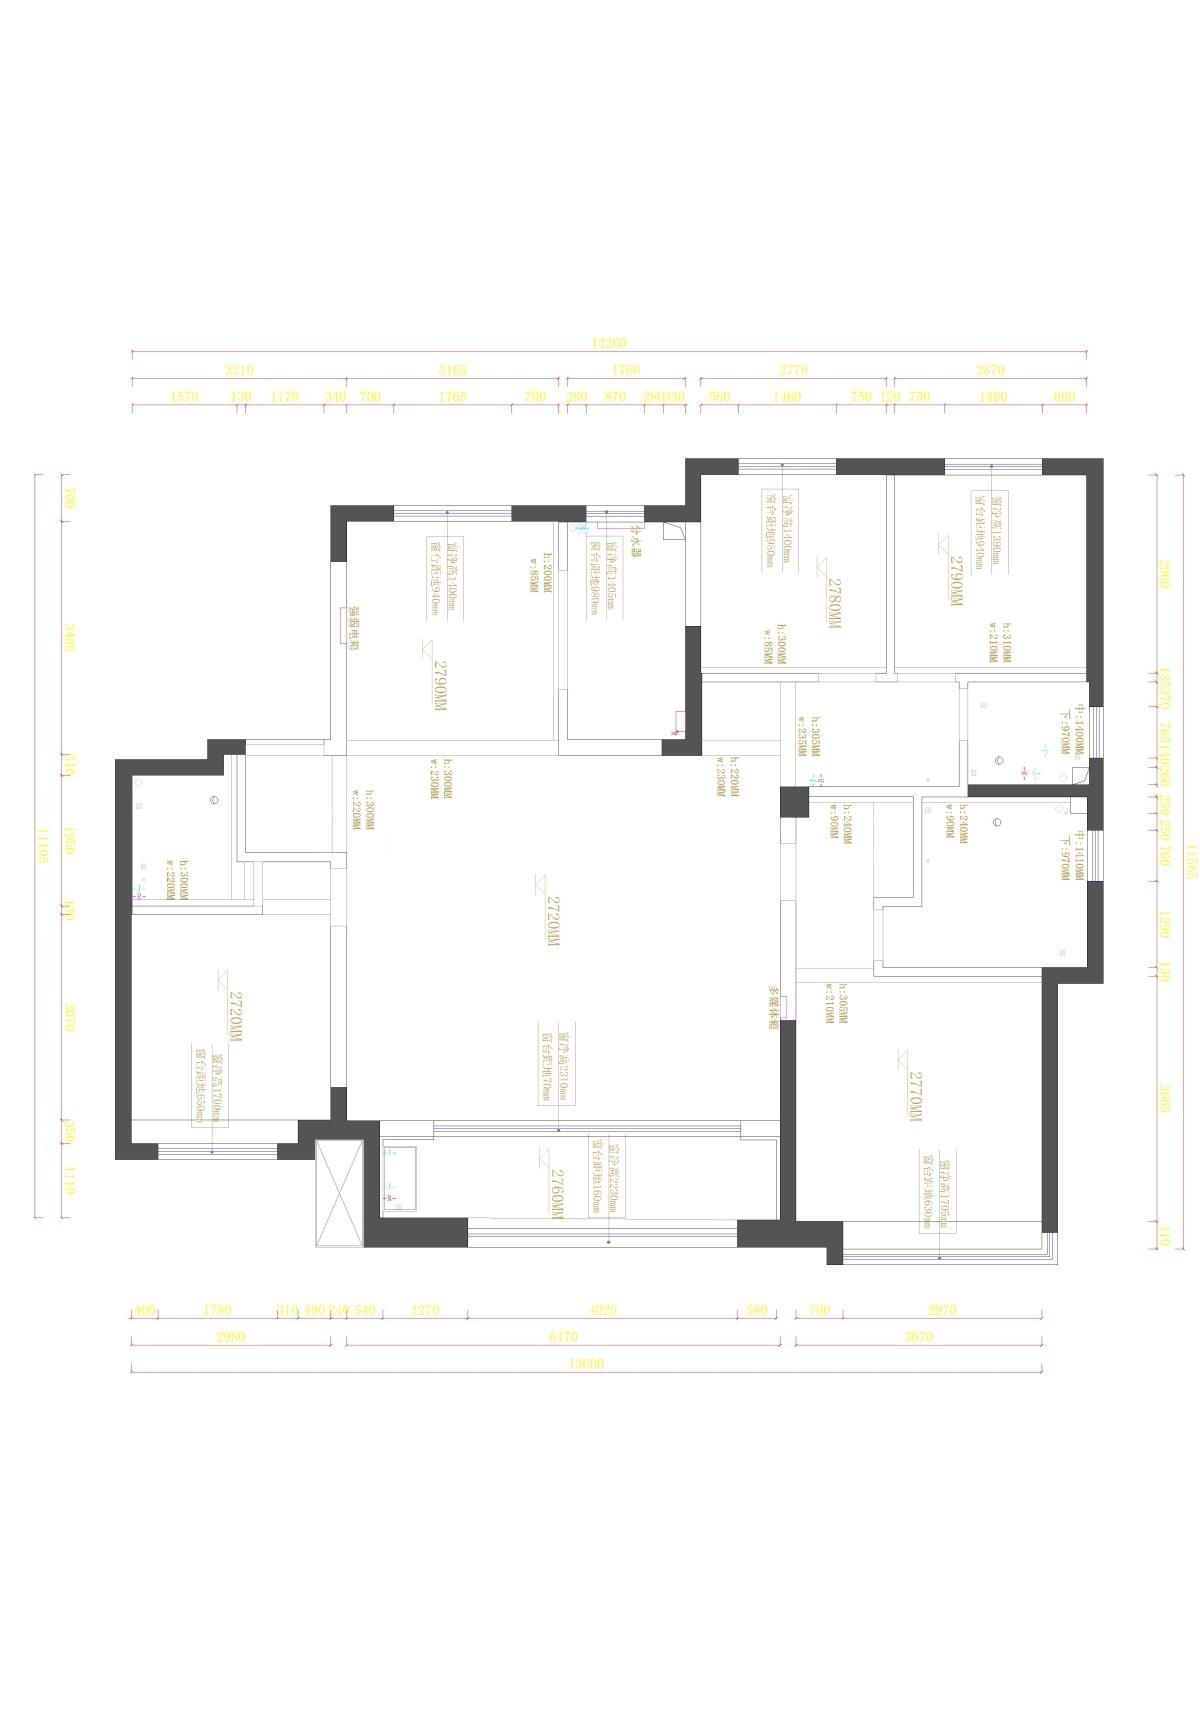 绿地海珀兰轩 15-1-1四室三卫-Model